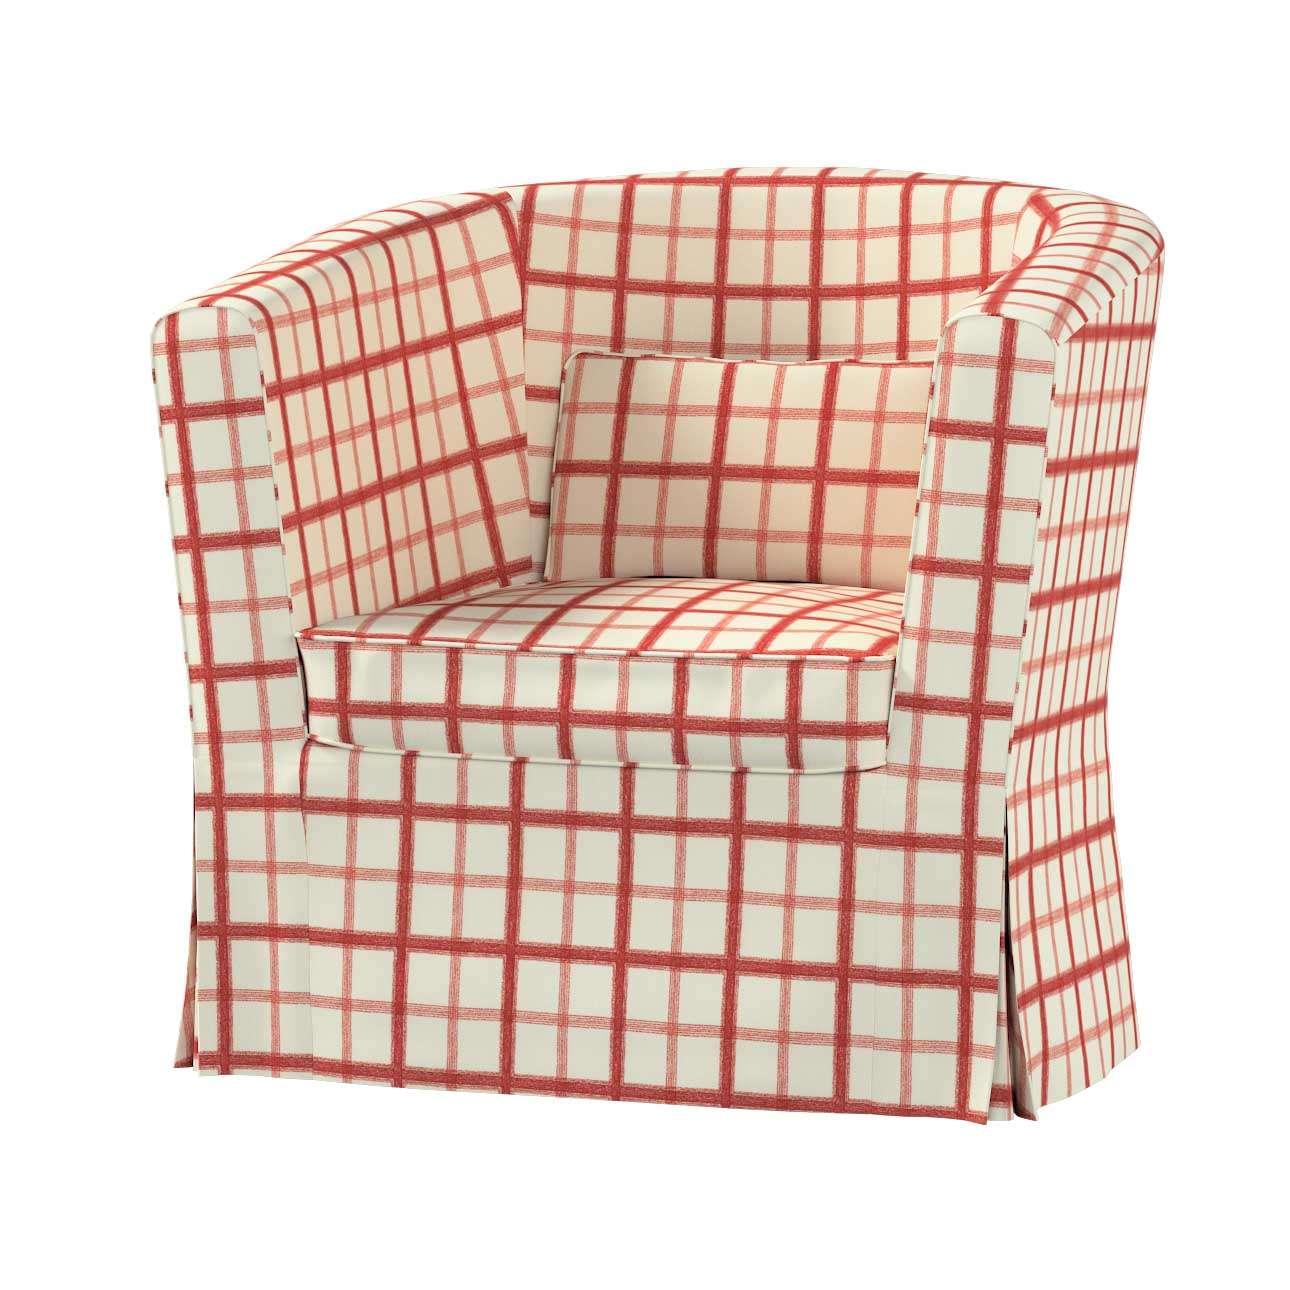 EKTORP TULLSTA fotelio užvalkalas Ektorp Tullsta fotelio užvalkalas kolekcijoje Avinon, audinys: 131-15